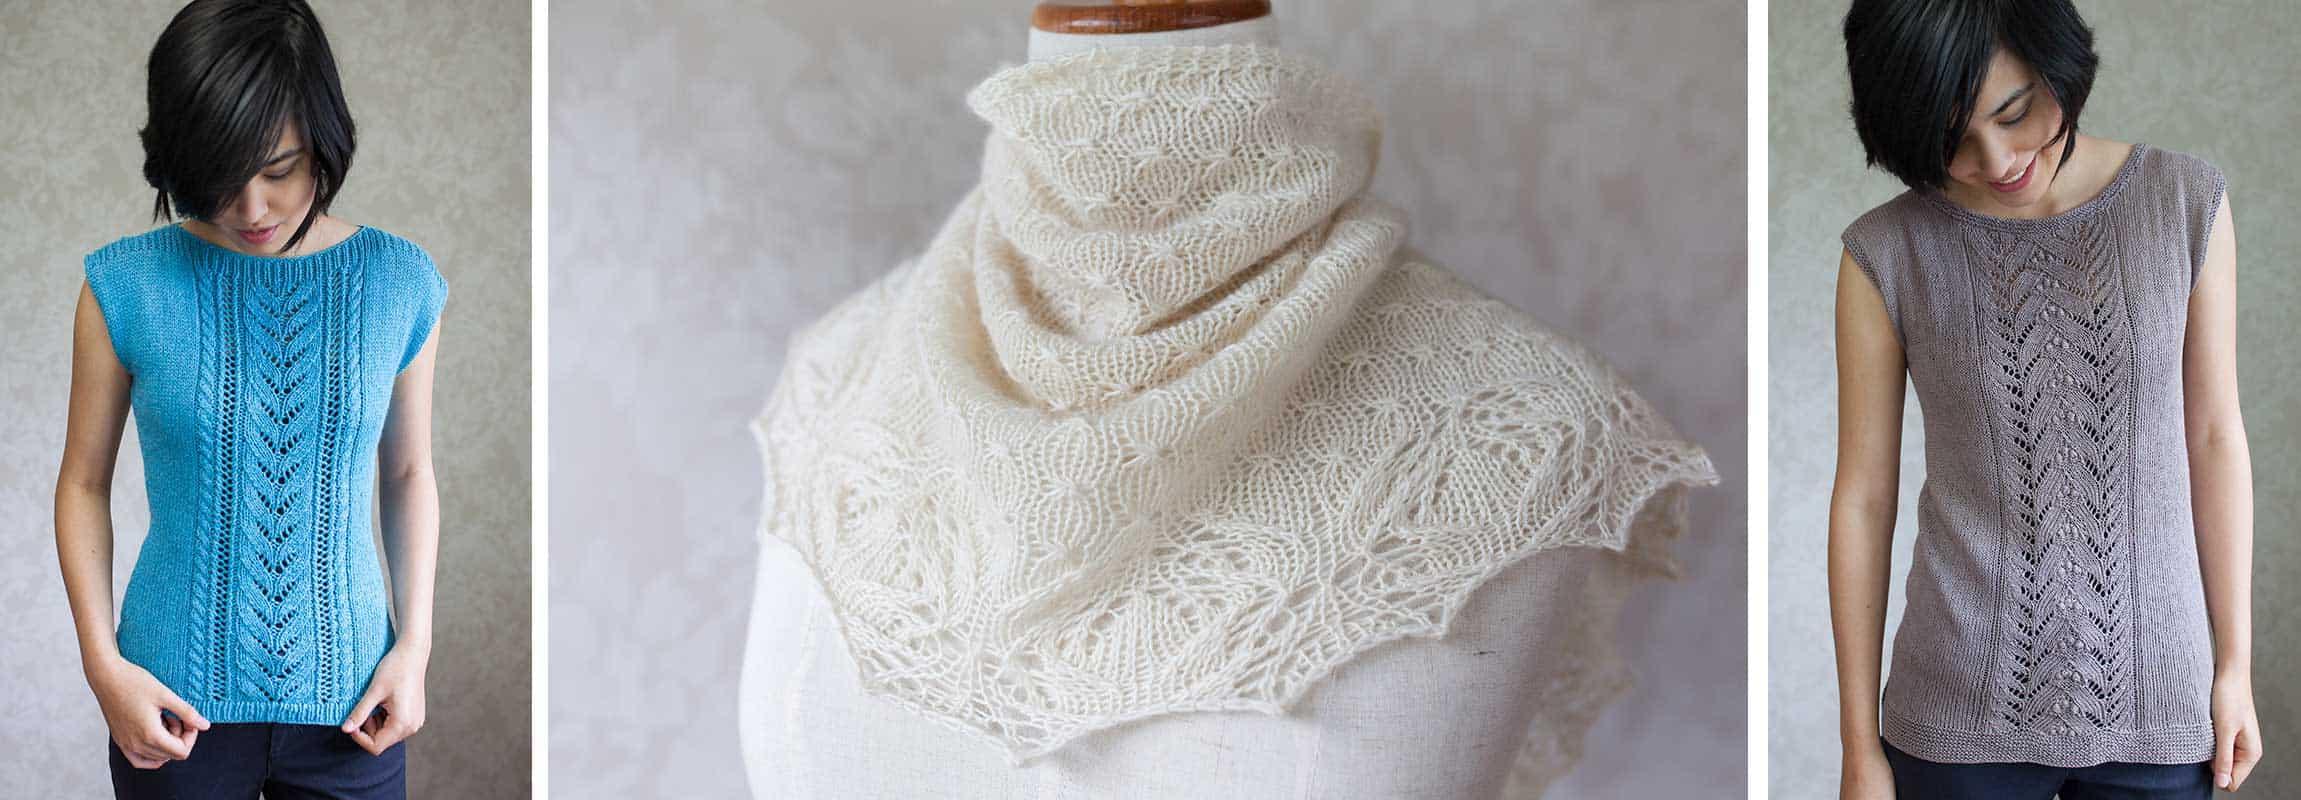 aroha tops and shawl